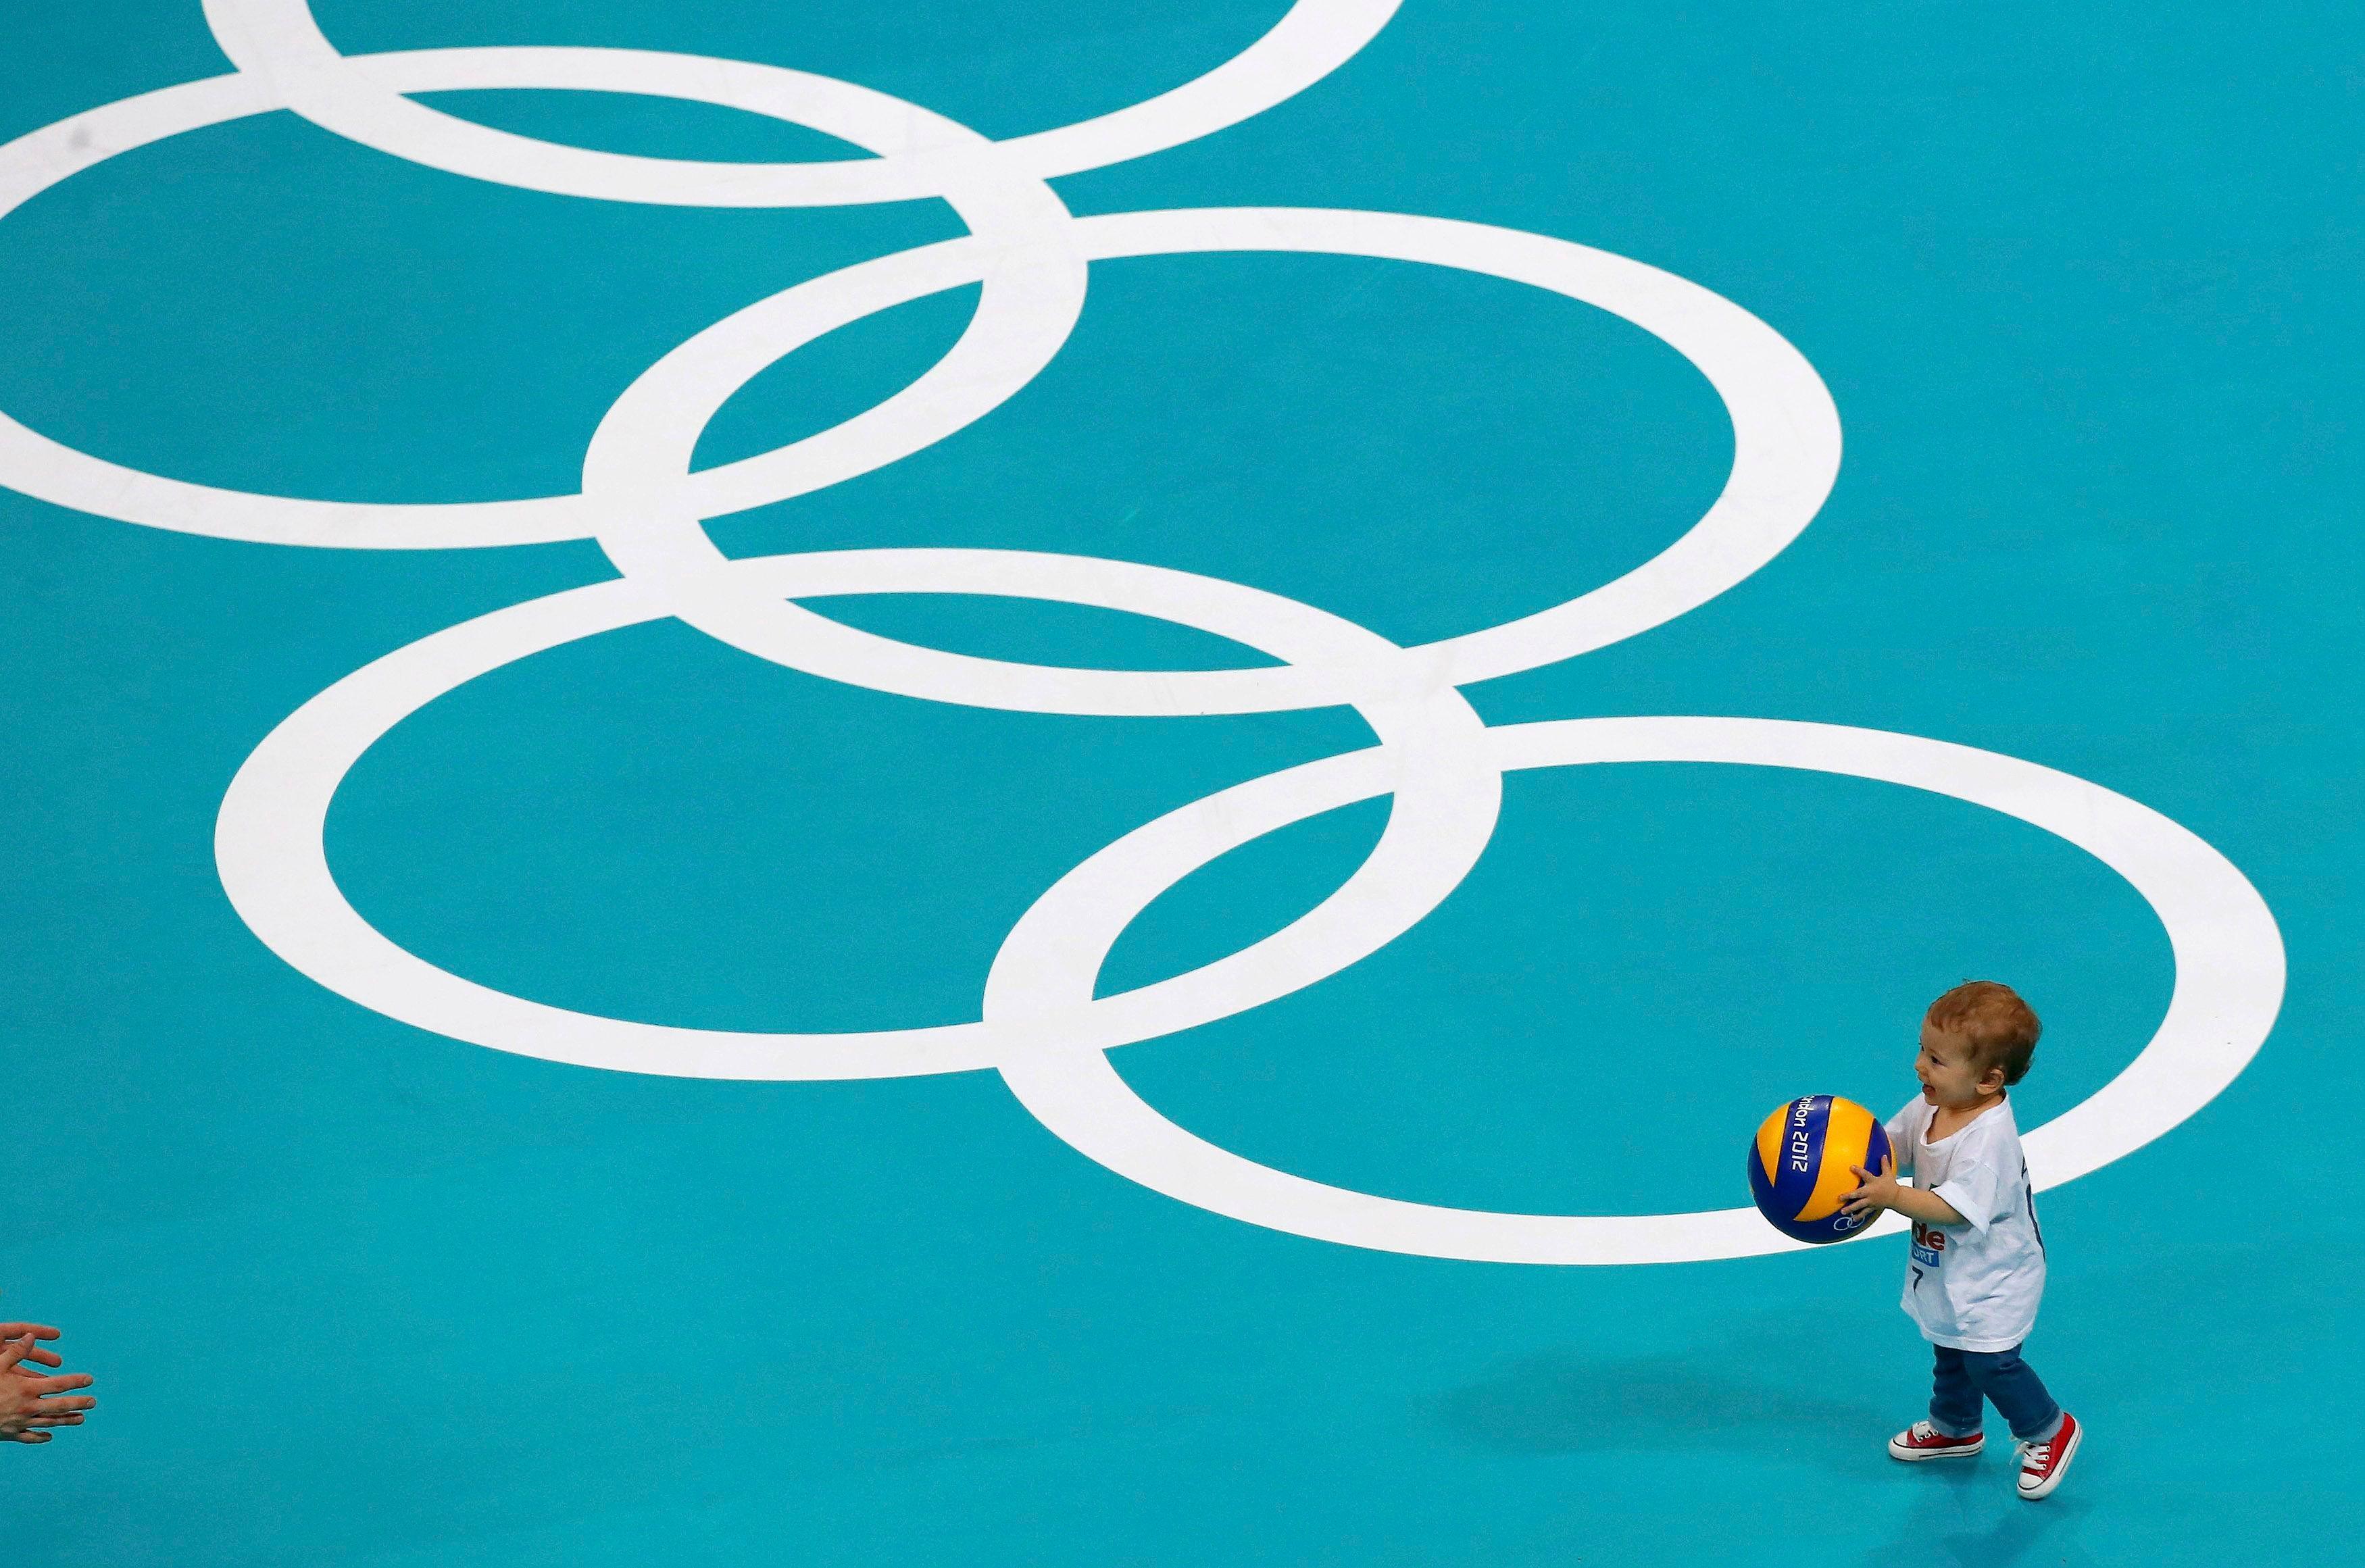 Le Caucase peut-il vraiment réussir à mettre à mal les prochains Jeux Olympiques ?